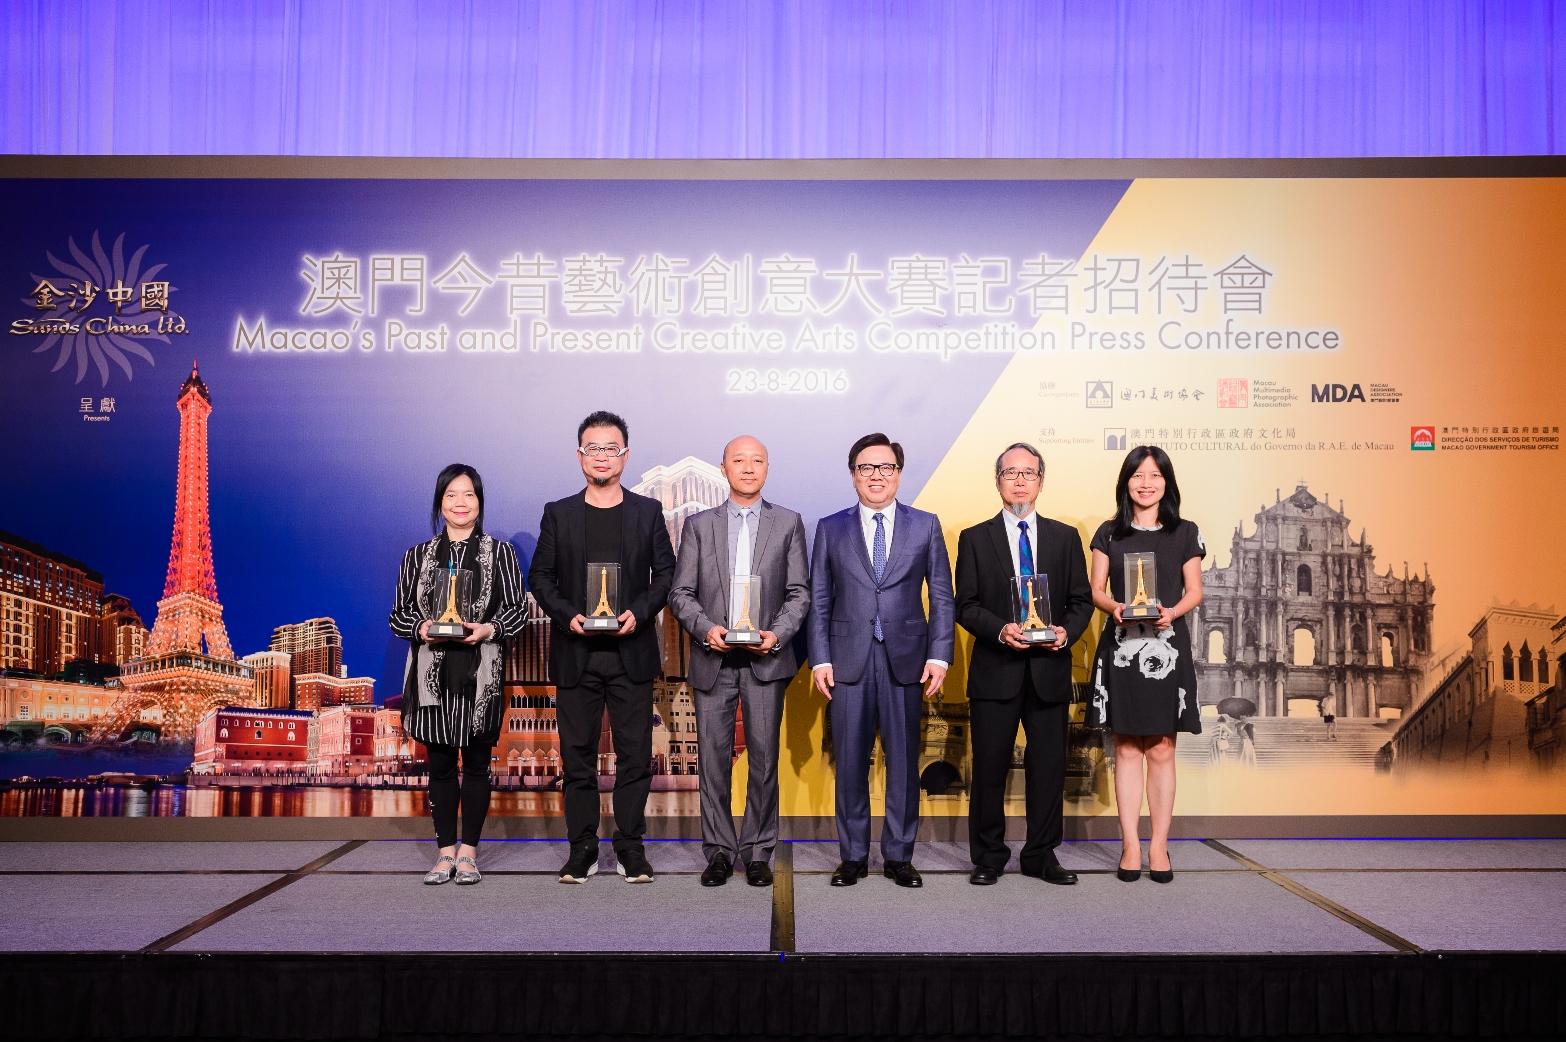 金沙中国宣布举办全新艺术创意比赛